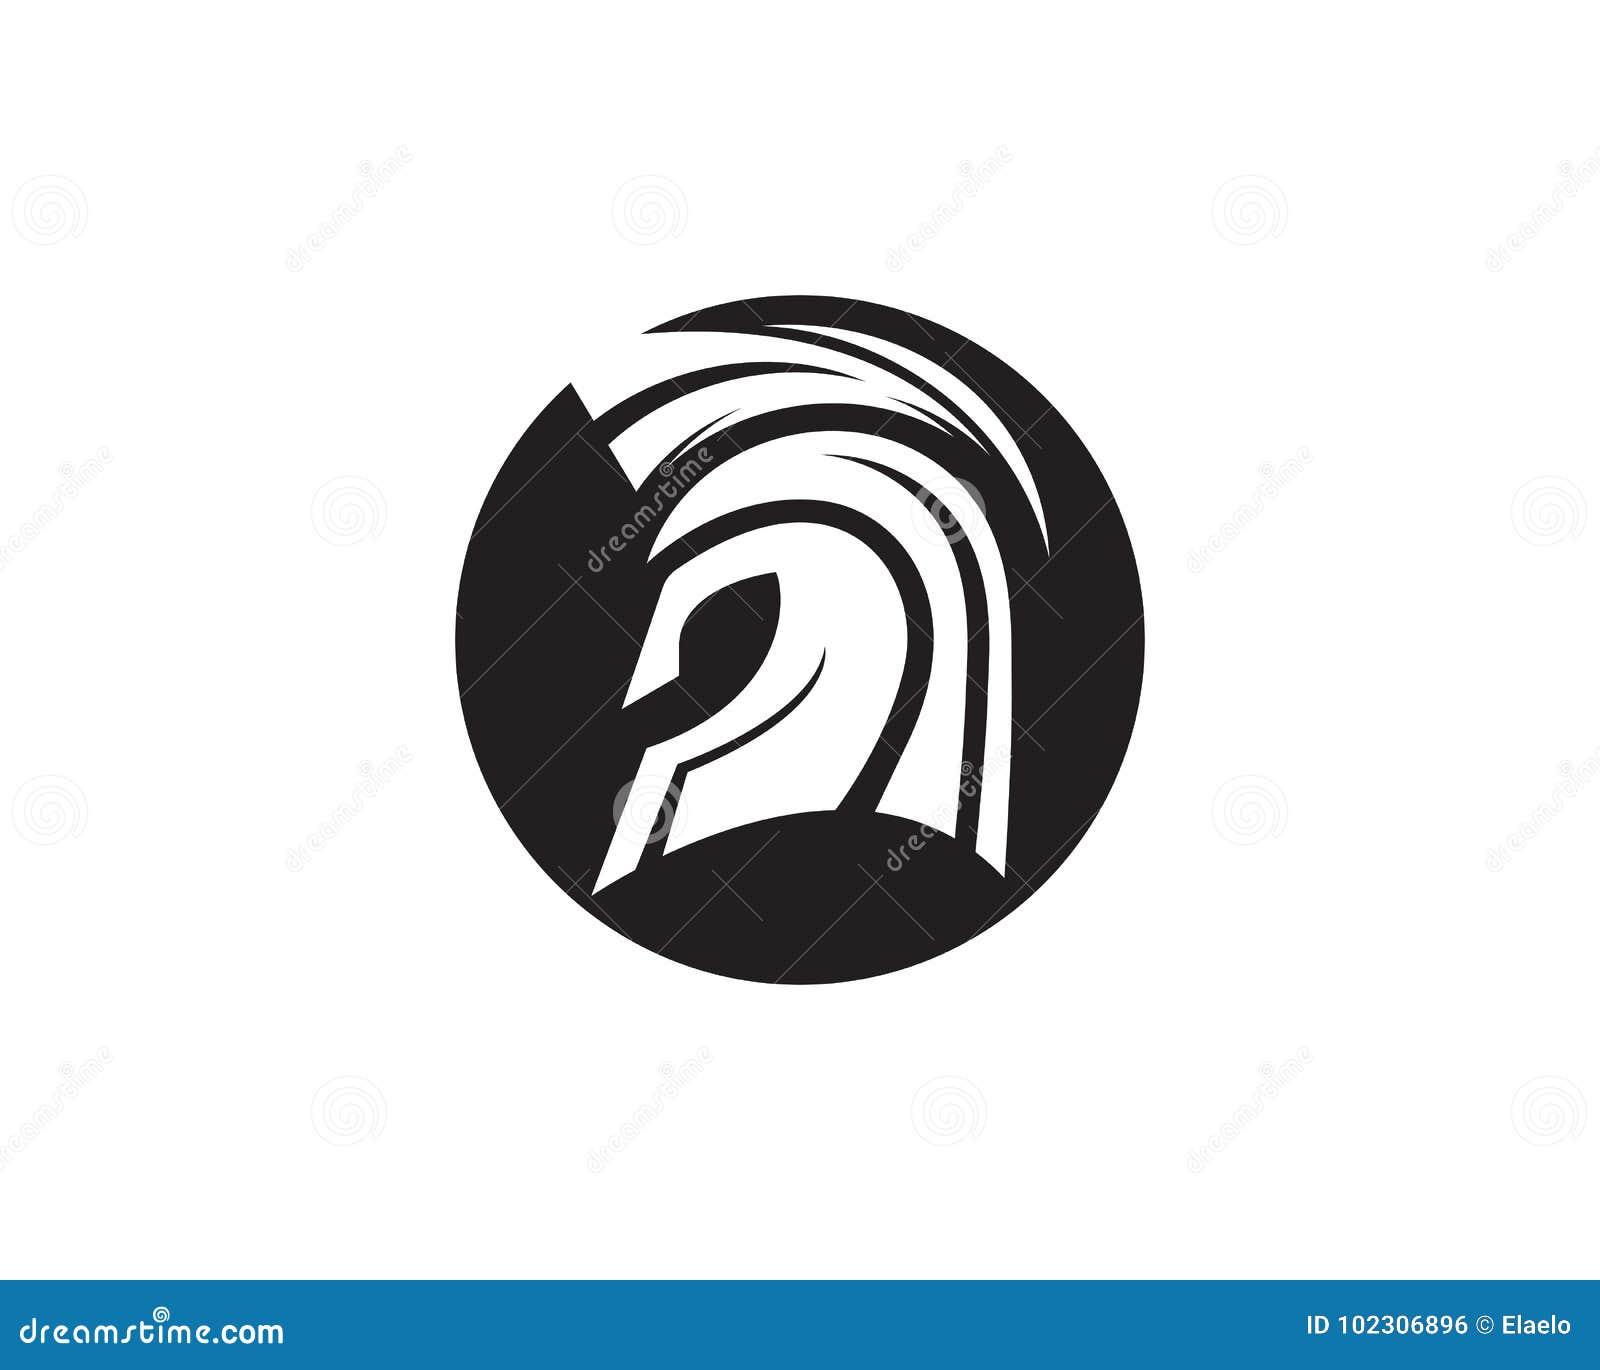 spartan helmet logo template stock vector illustration of retro